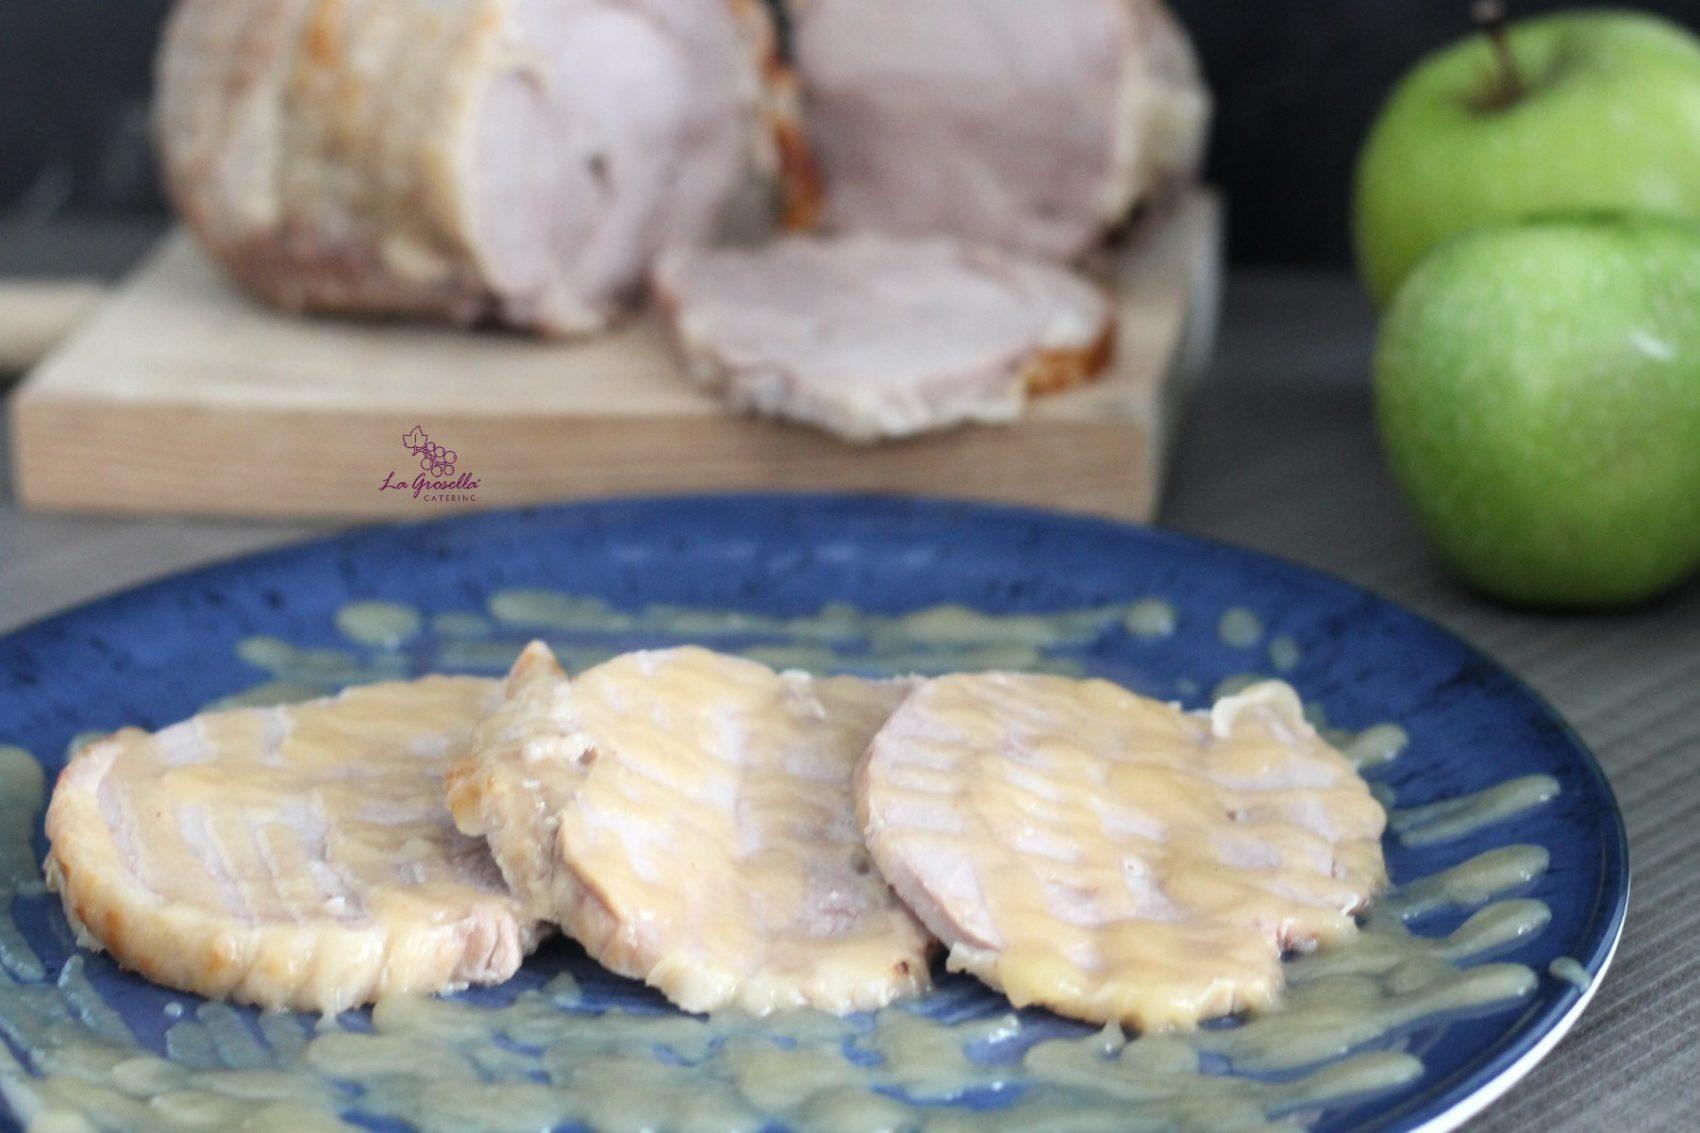 Rotí de pavo asado con puré de manzanas